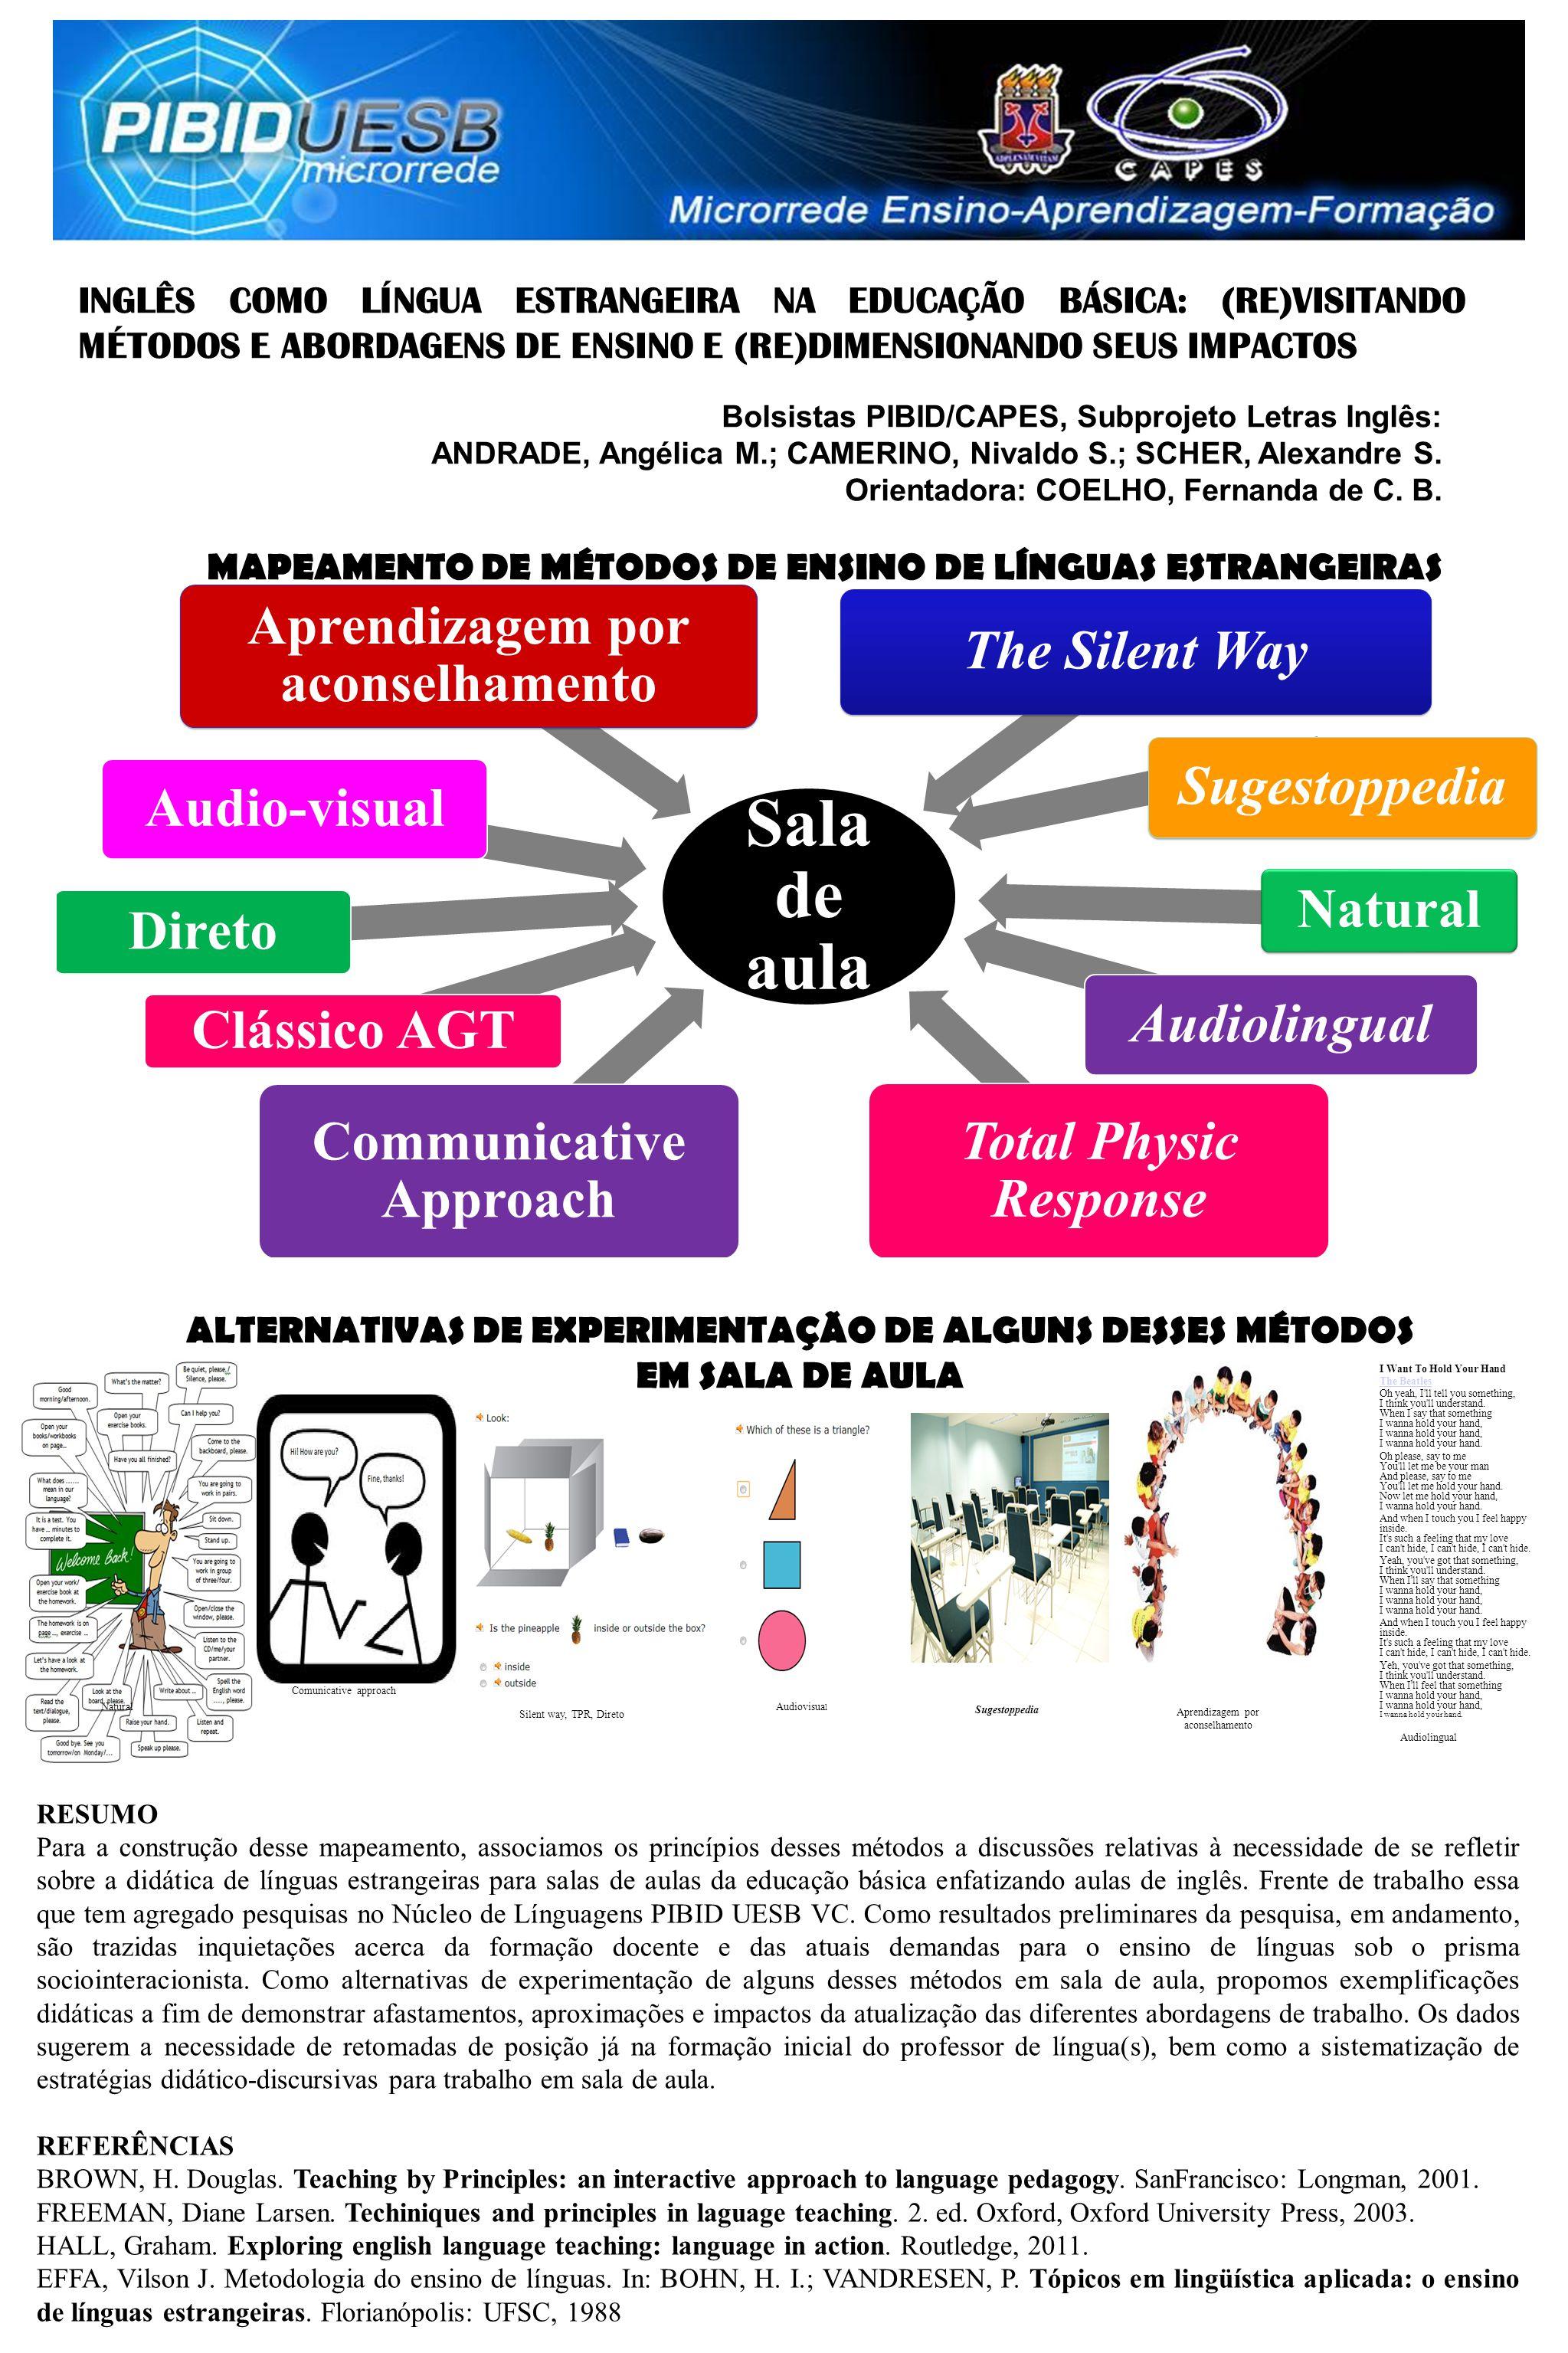 Sala de aula Clássico AGT Direto Audio-visual Aprendizagem por aconselhamento Sugestoppedia The Silent Way Communicative Approach Total Physic Respons